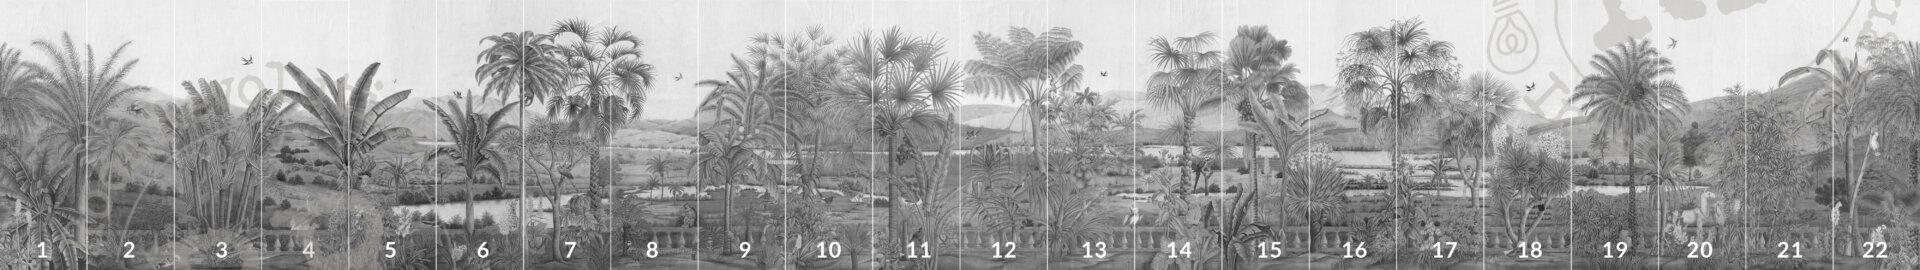 Overzicht van alle panelen van panormamabehang 'D-Dream' in kleur grey van merk IKSEL in large